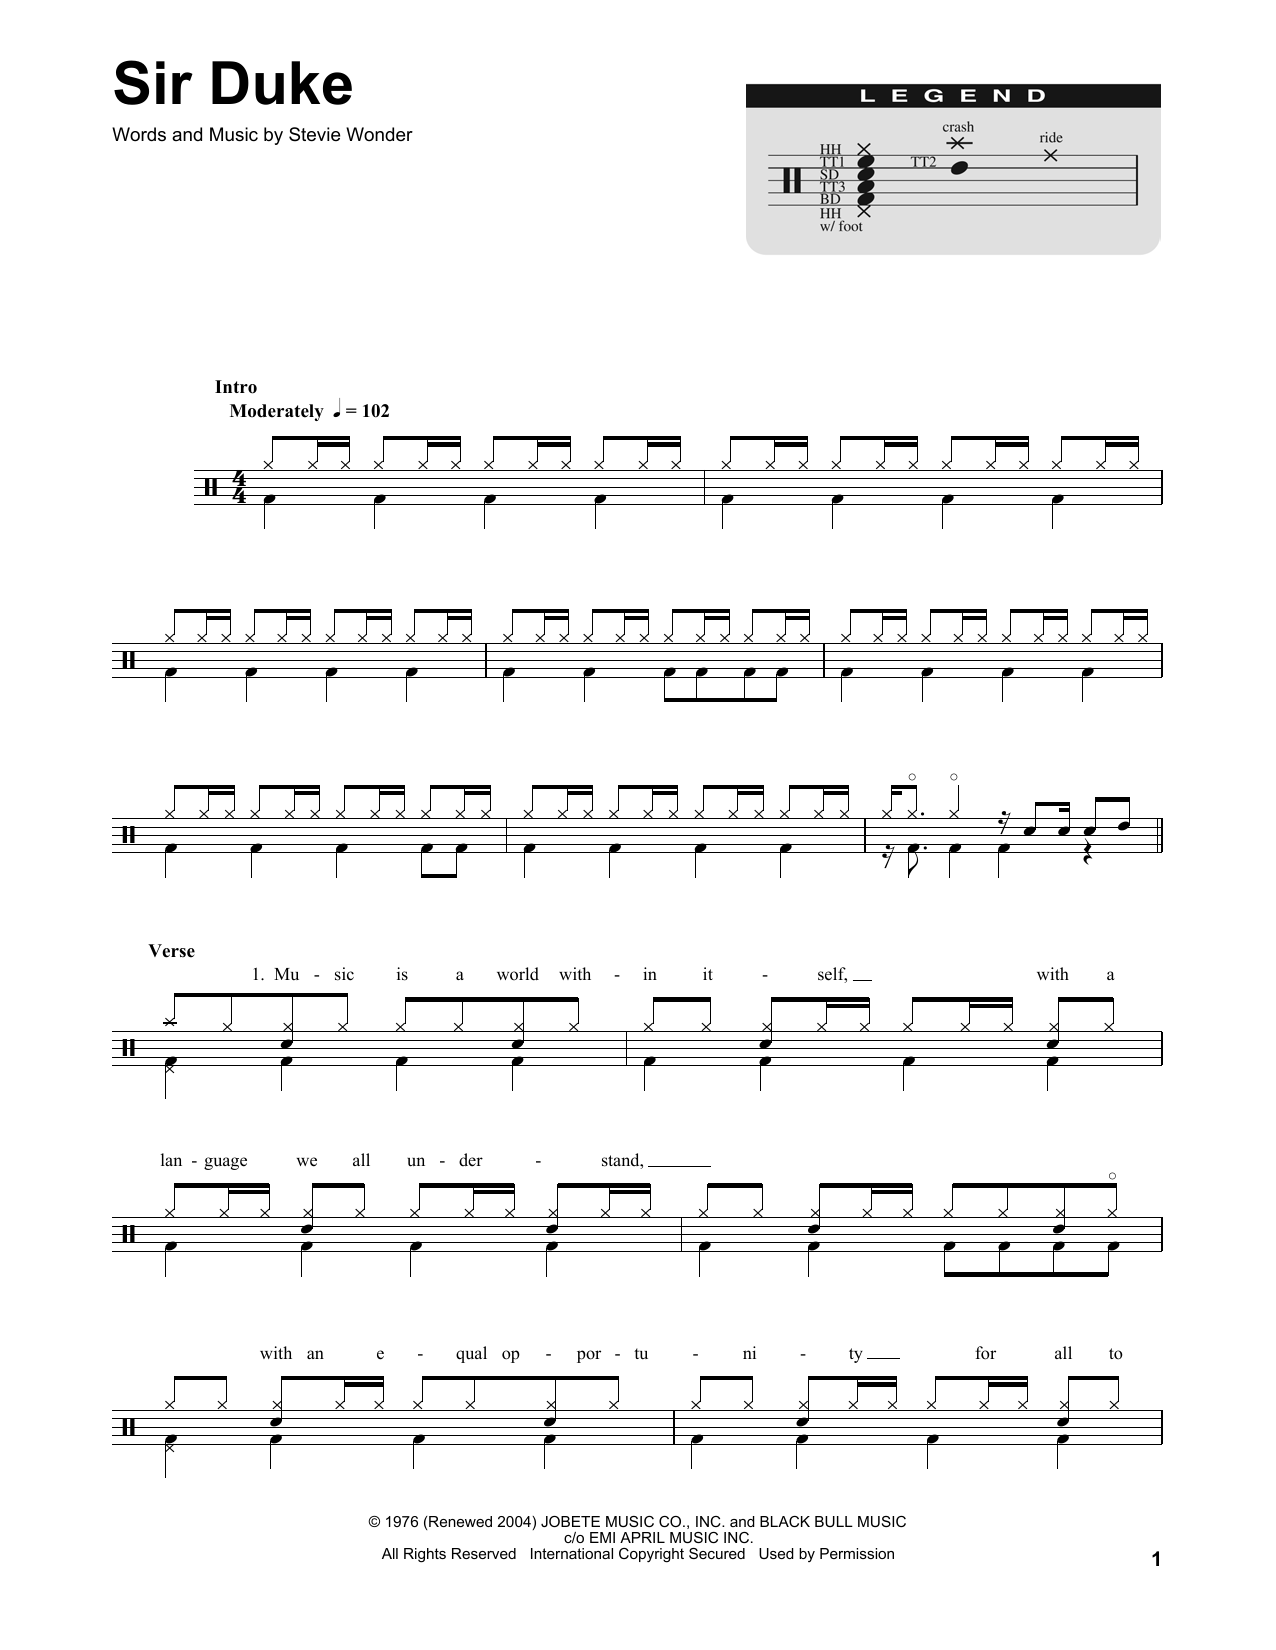 Sir Duke Sheet Music